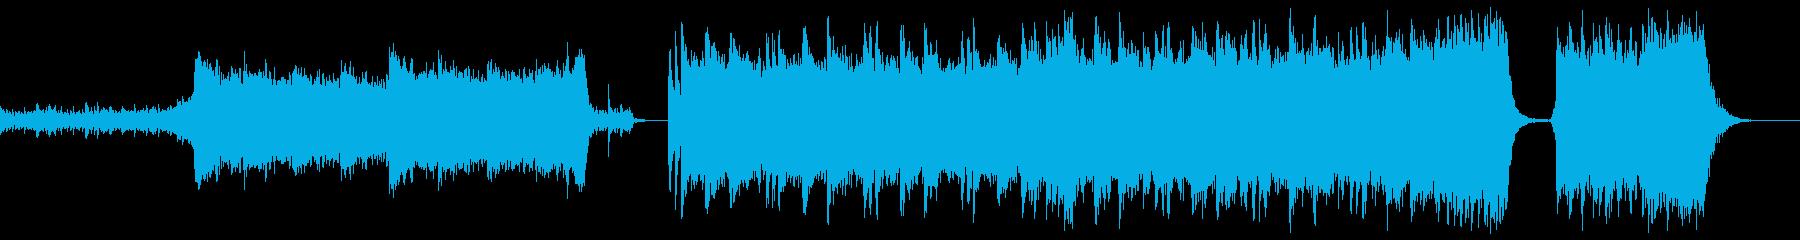 トレーラー・壮大の再生済みの波形